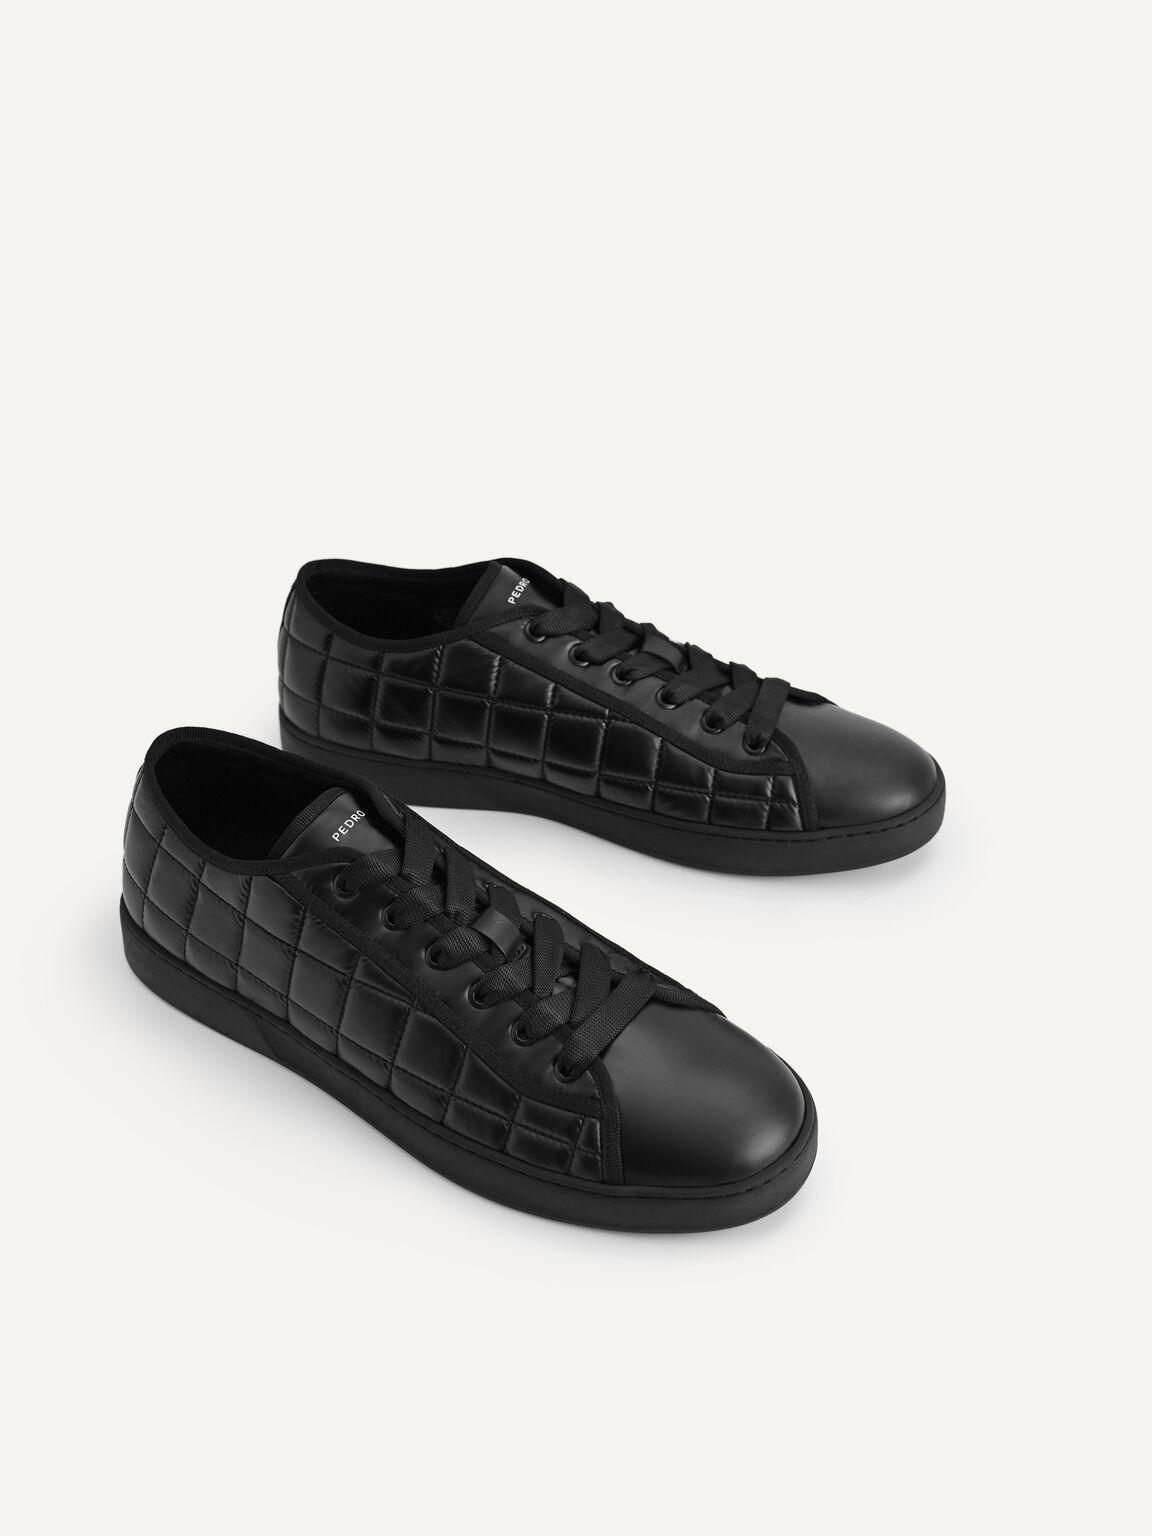 絎縫休閒運動鞋, 黑色, hi-res